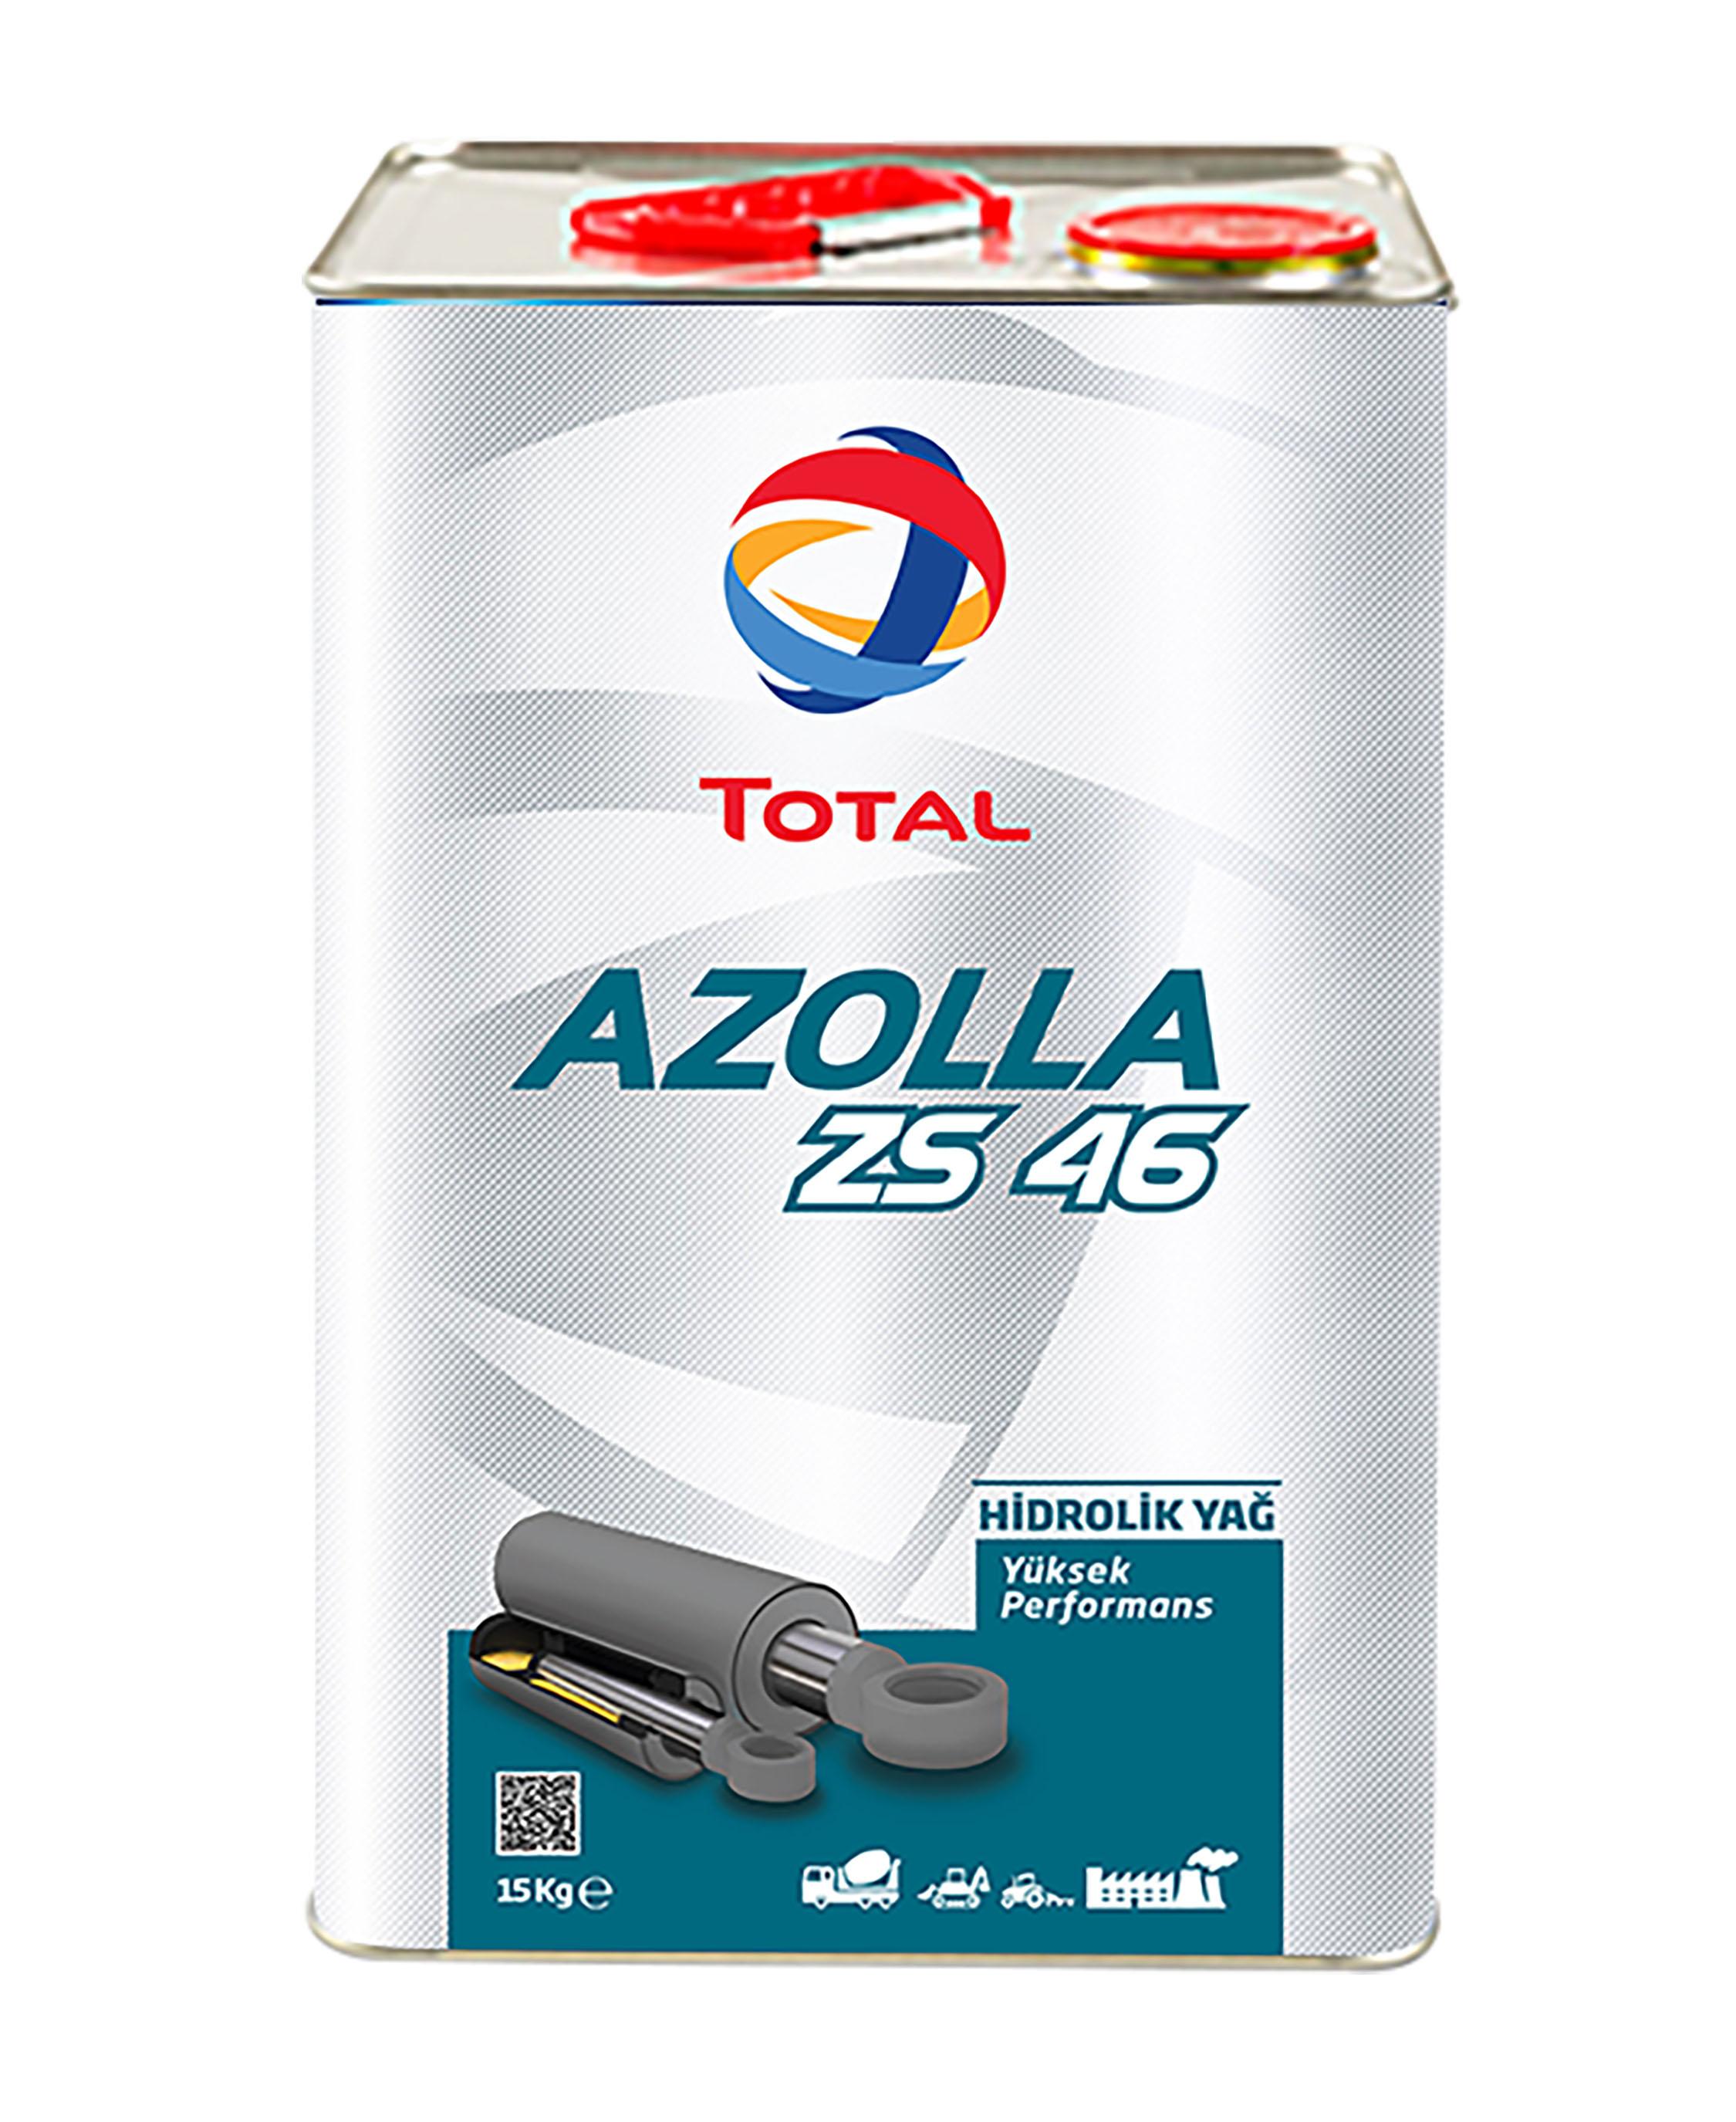 TOTAL AZOLLA HYDRAULIC OILS